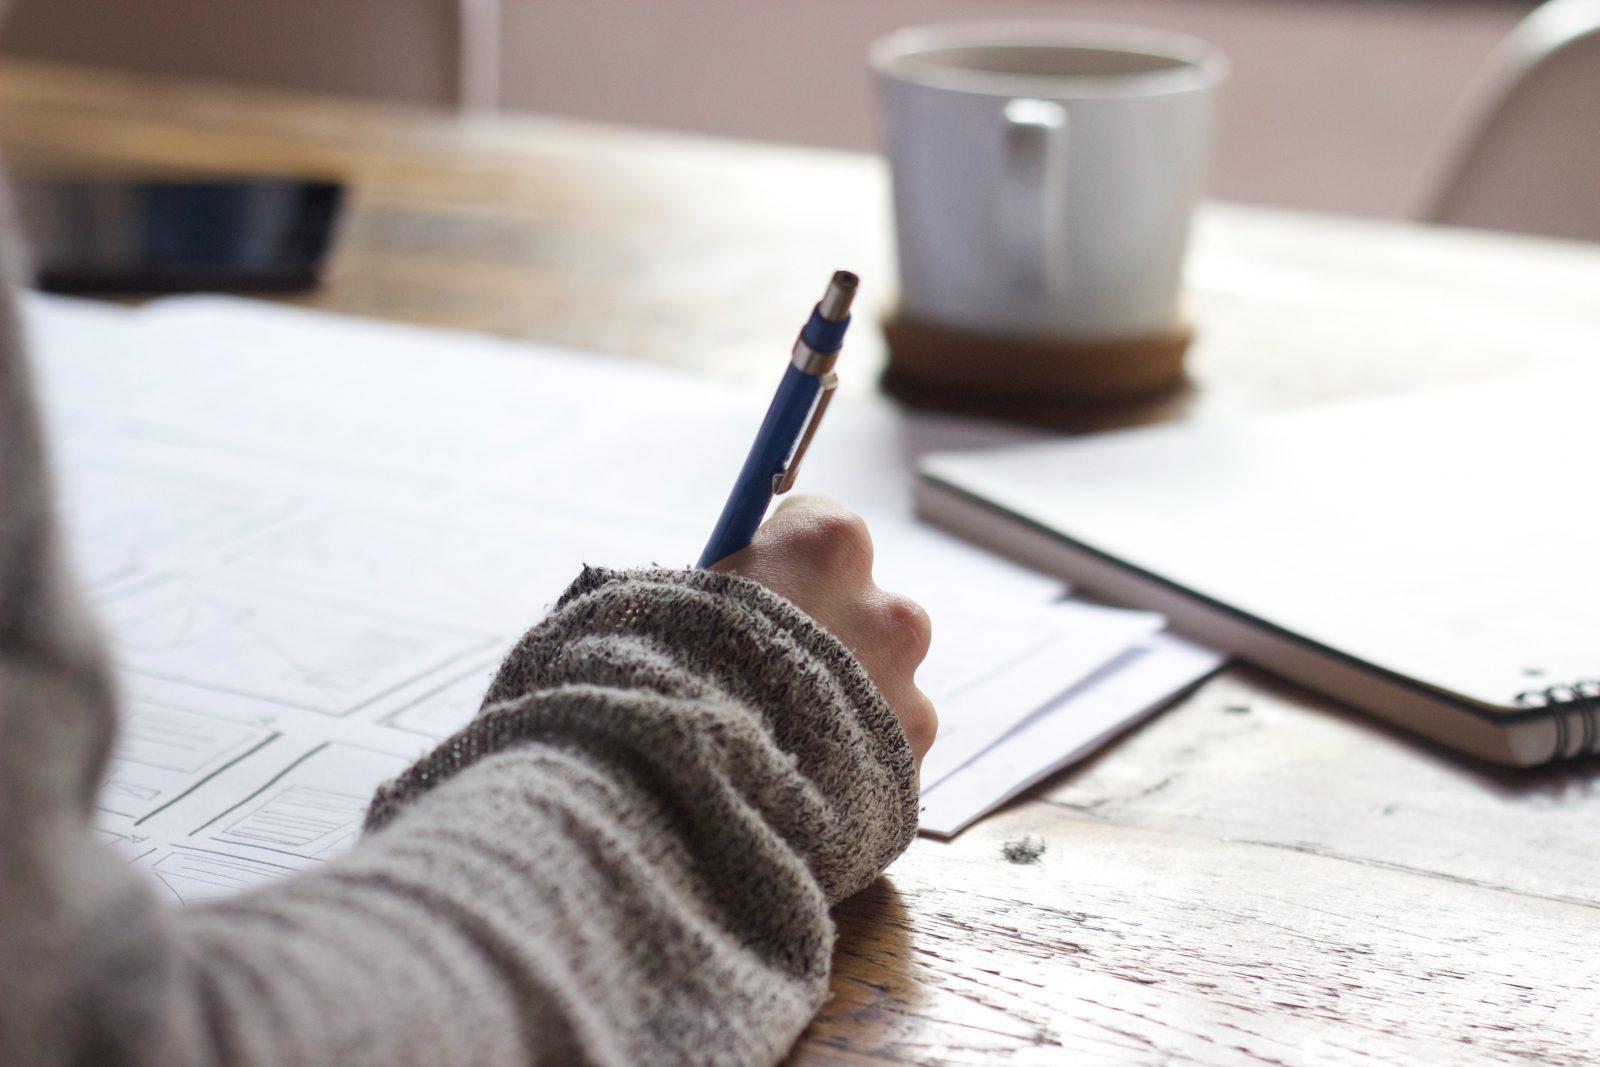 Käsi kirjoittaa pöydän äärellä vihkoon